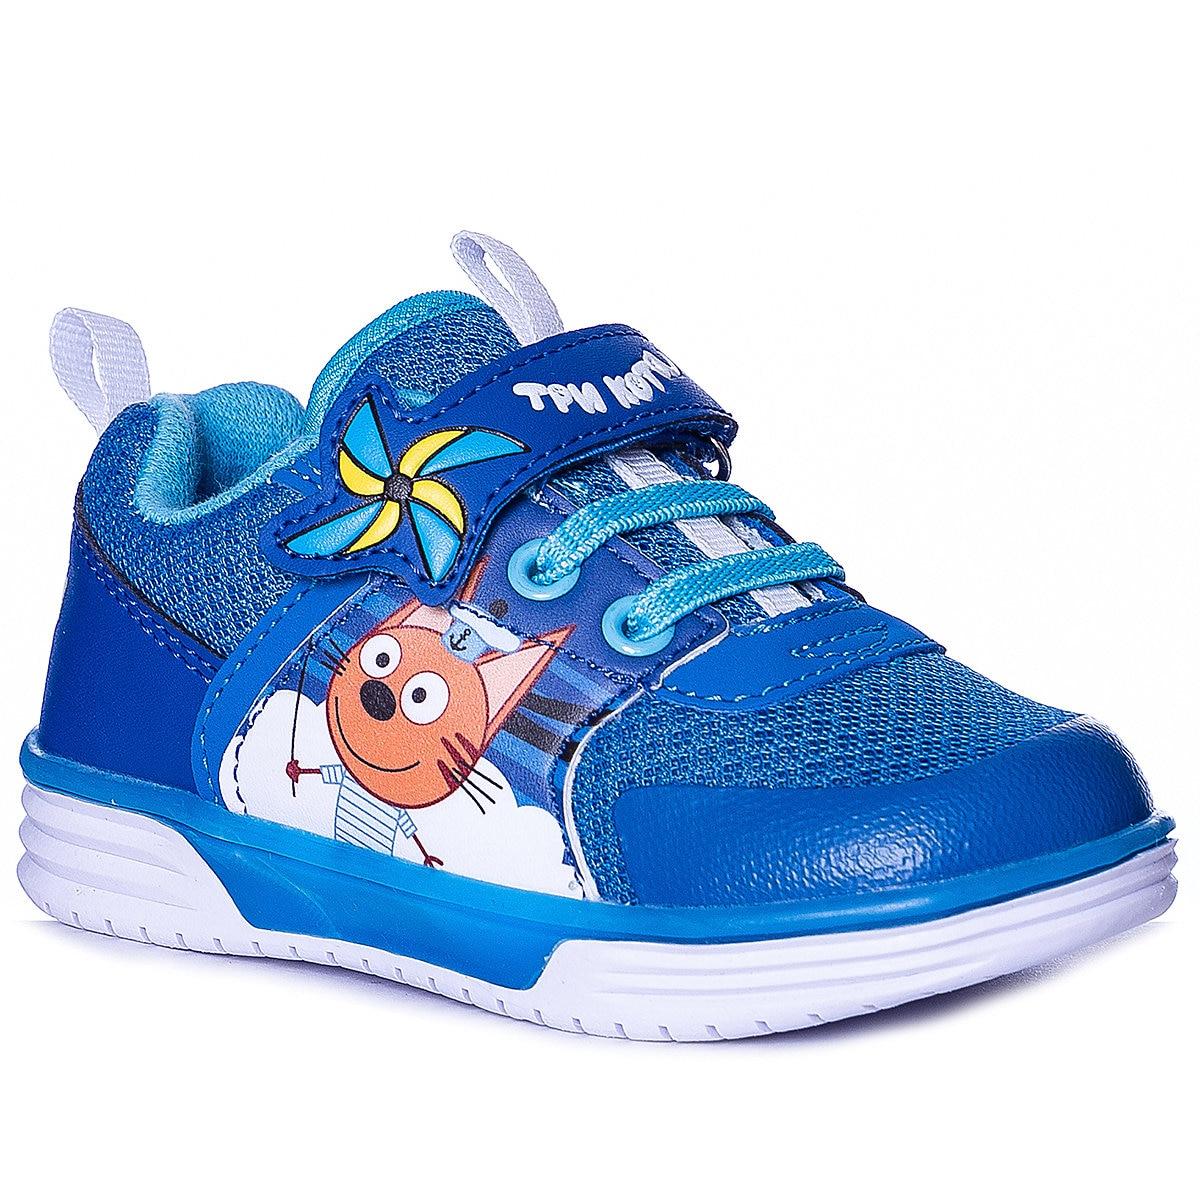 KAKADU Kids' Sneakers 10696065 Shoes Footwear Sport Blue Boys Spring/Autumn